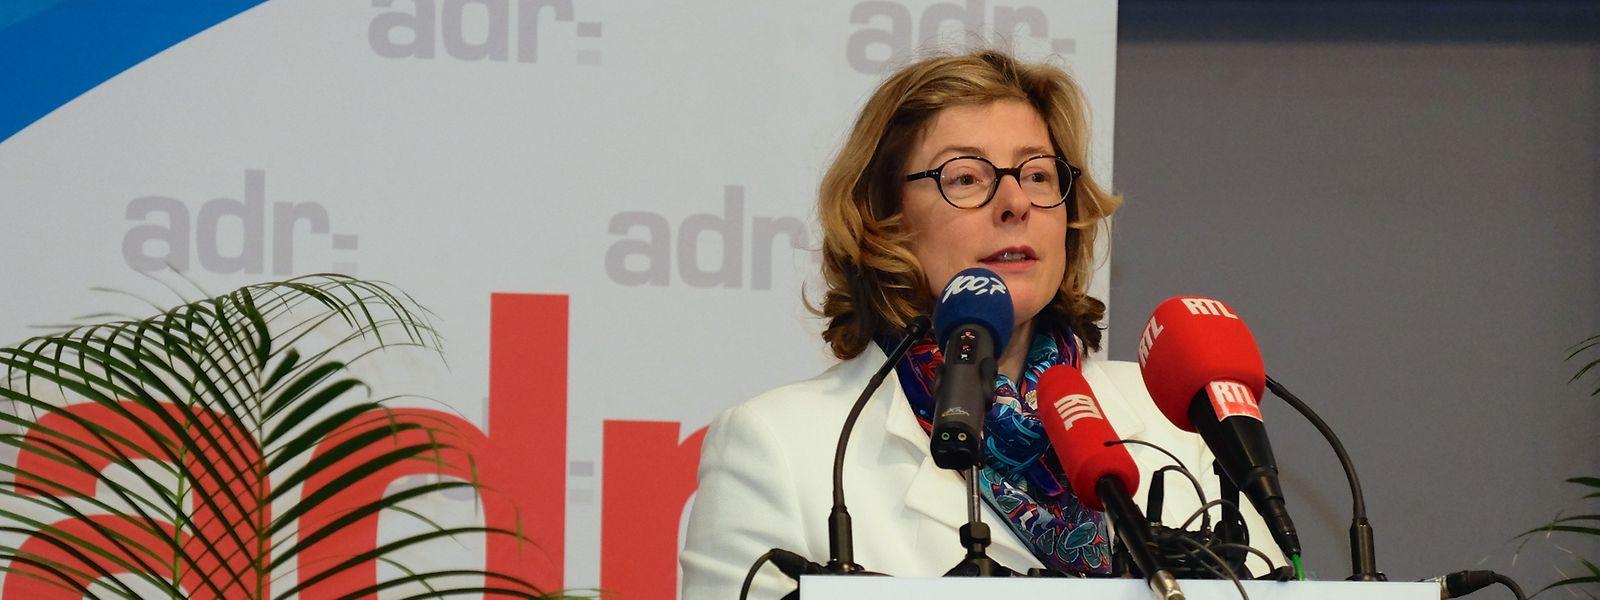 Sylvie Mischel legt ihre Parteiämter bei der ADR bis auf Weiteres nieder.